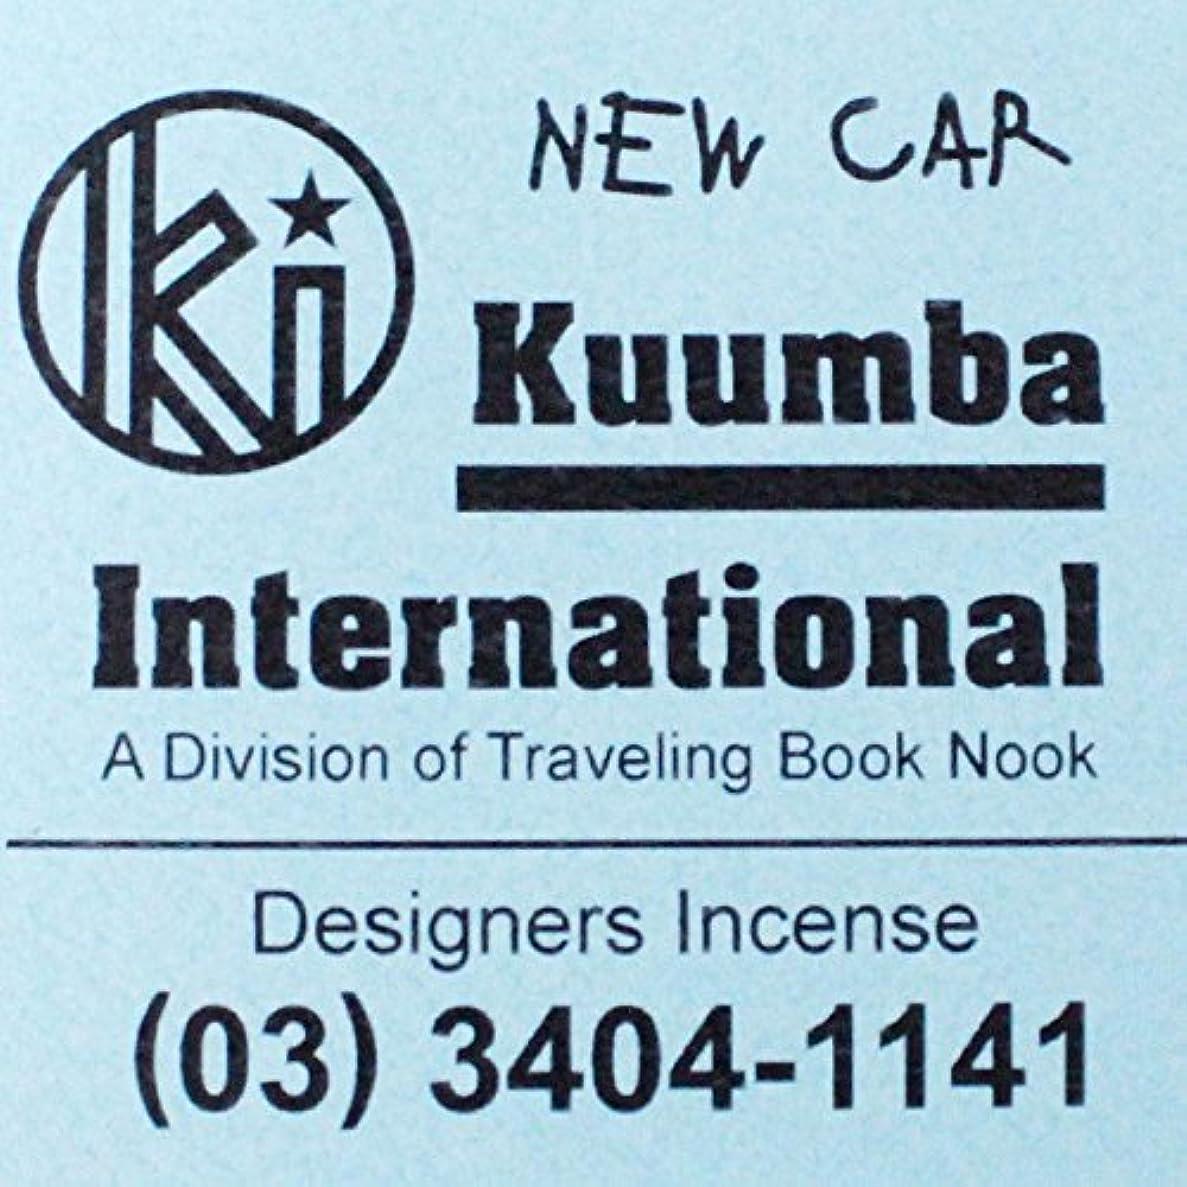 バンカーロケーション寝てる(クンバ) KUUMBA『incense』(NEW CAR) (Regular size)